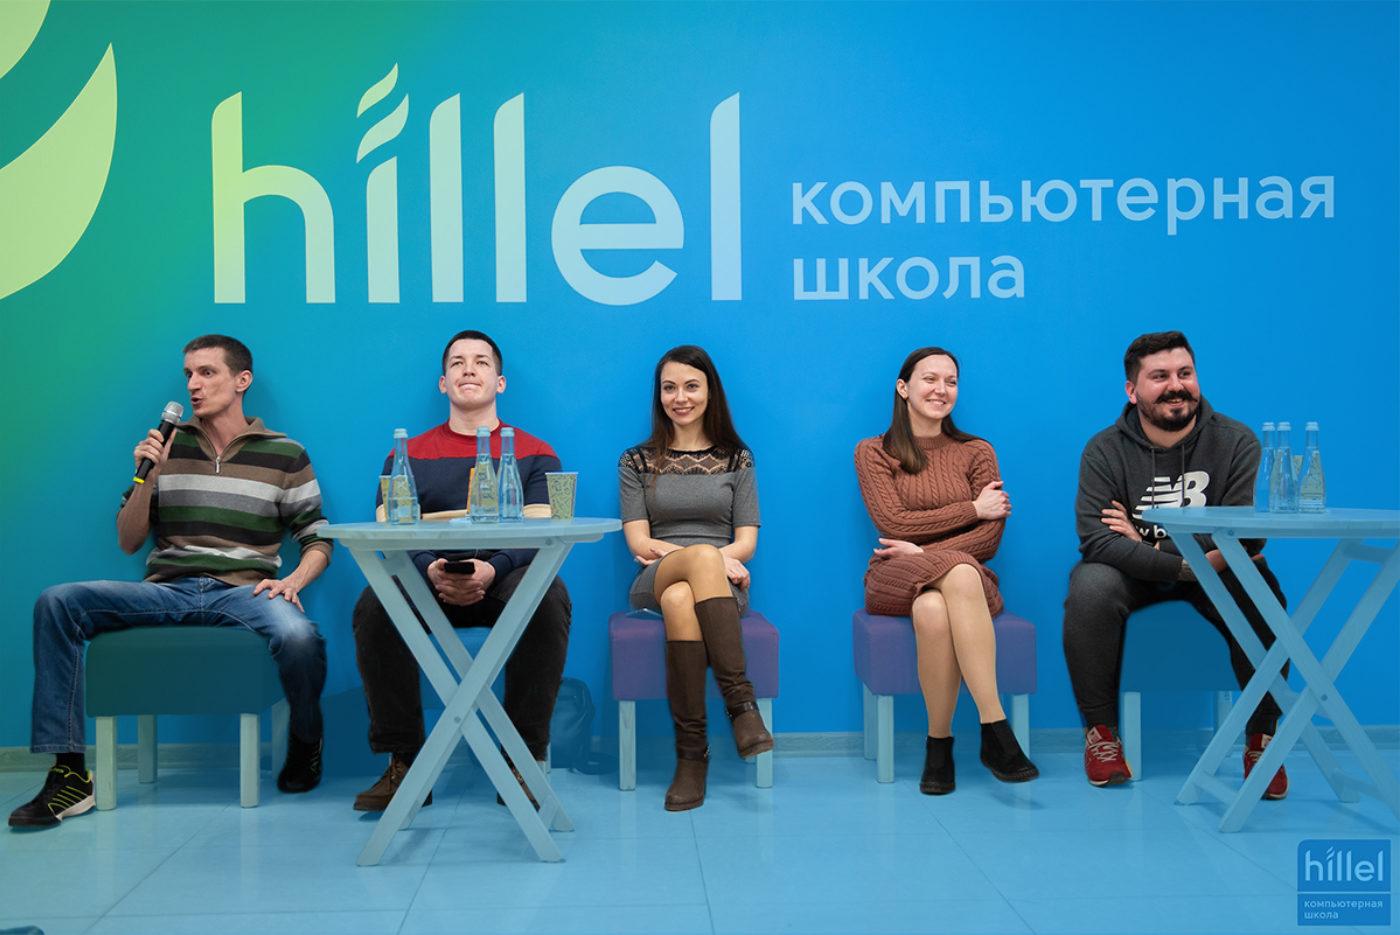 Мероприятия: Встреча «Моя первая работа в IT» в Киеве 17 апреля